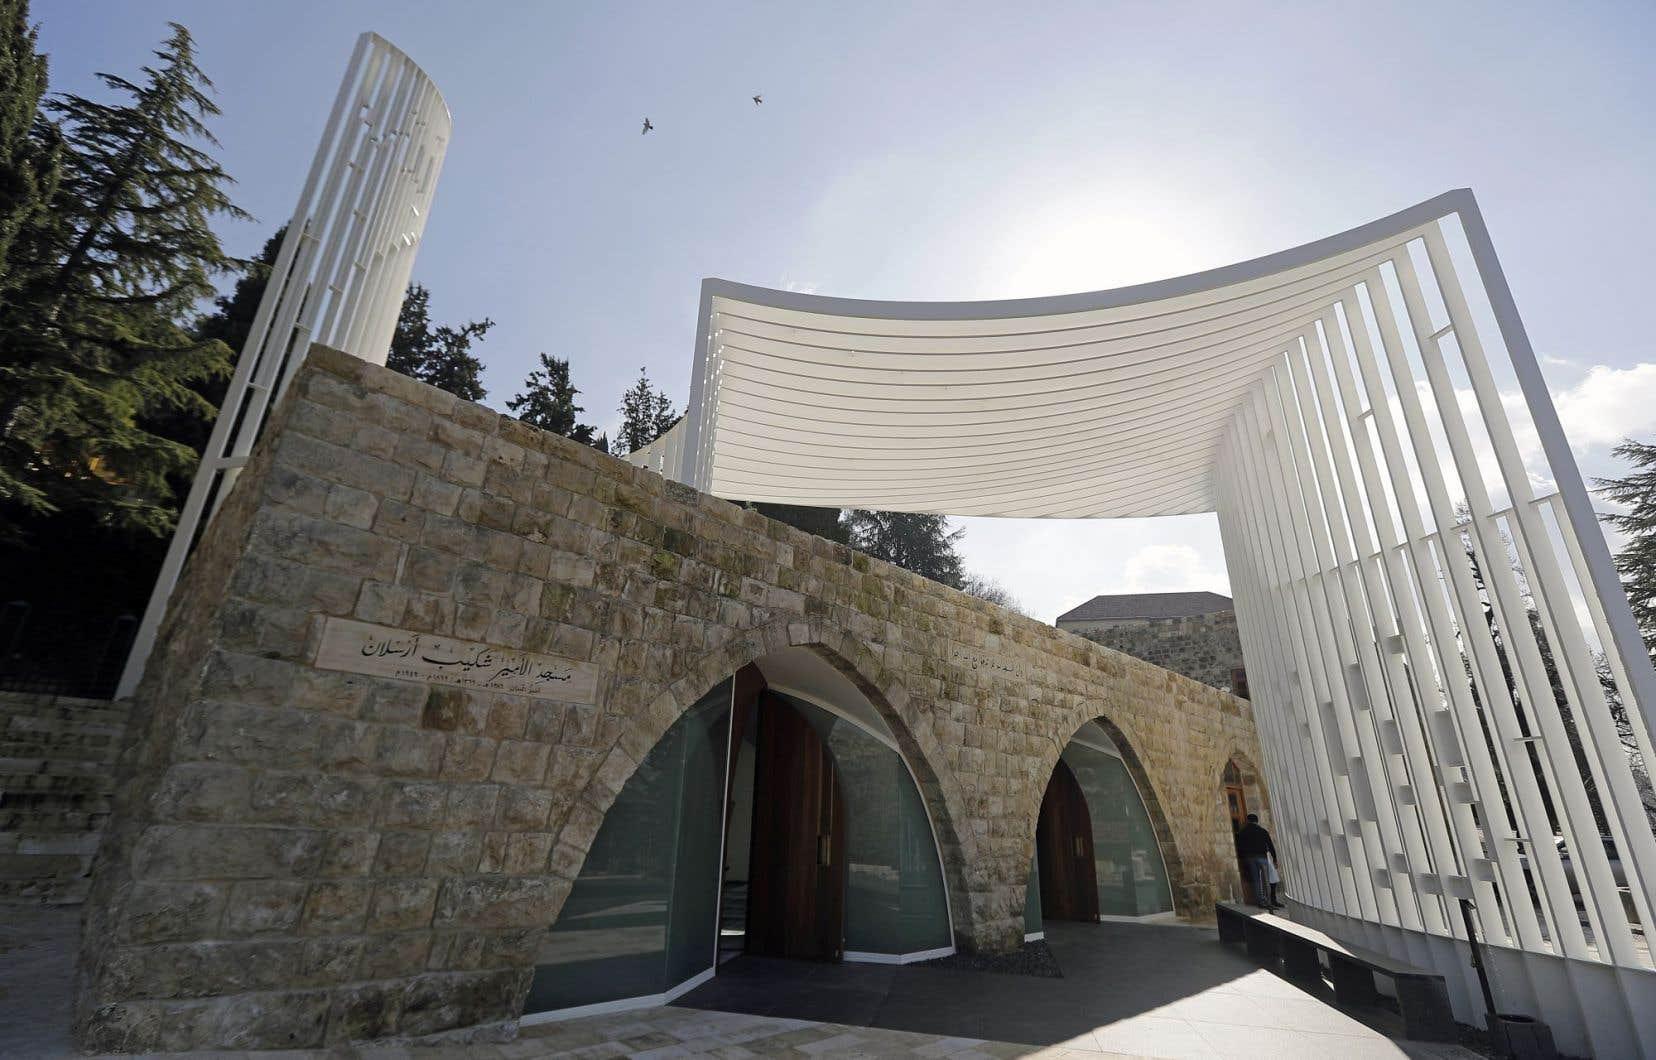 La mosquée imaginée par l'architecte Makram al-Kadi vise à susciter une réflexion sur la religion et la modernité.